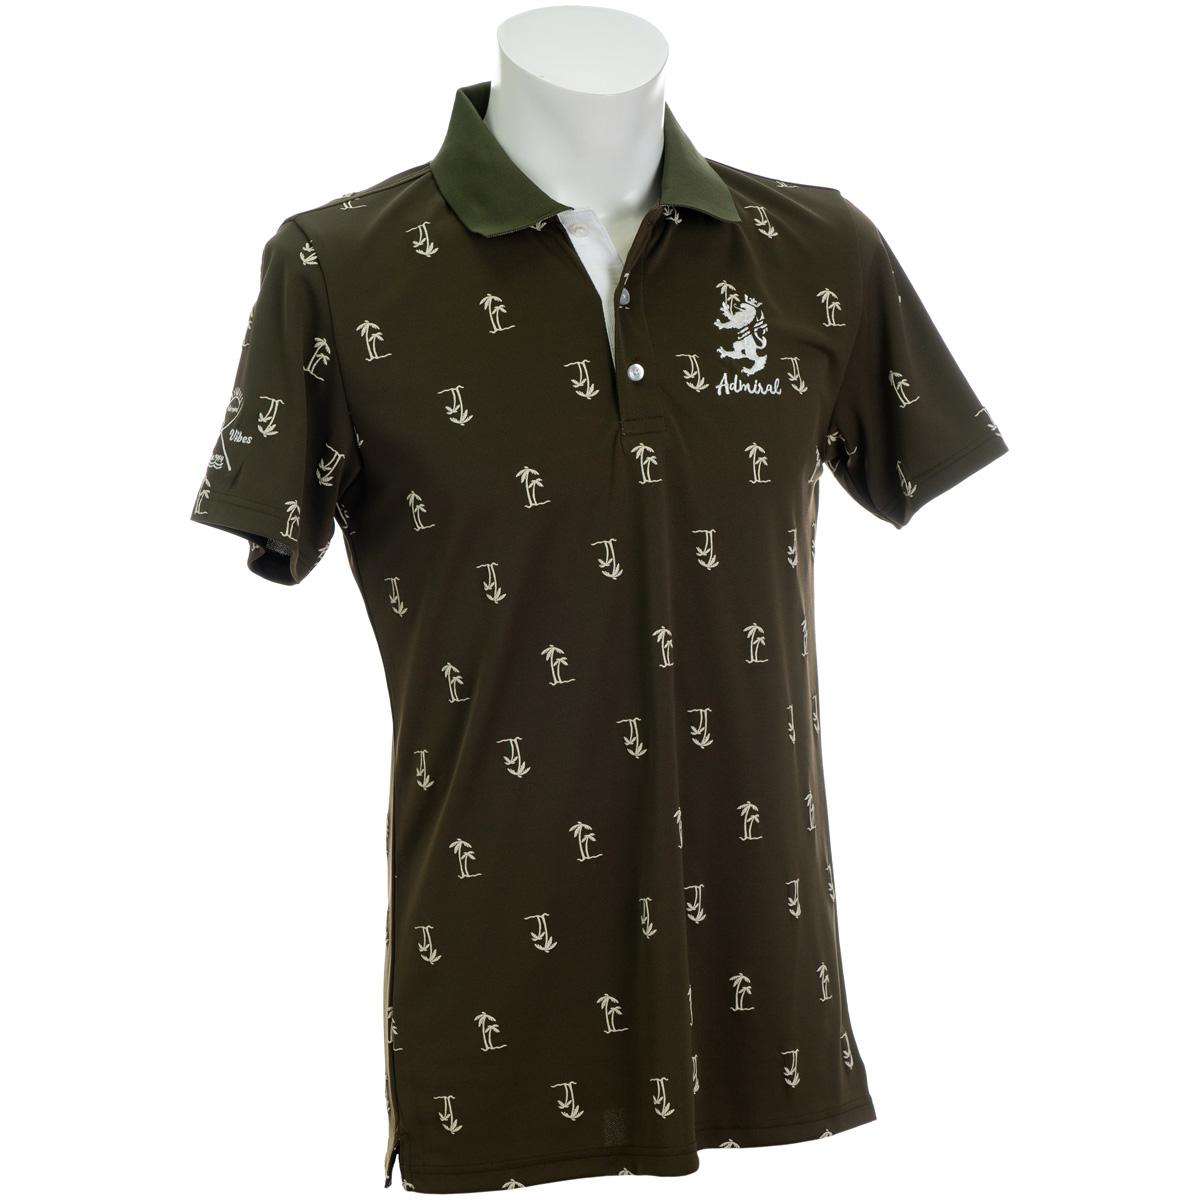 ヤシノキ柄プリント 半袖ポロシャツ